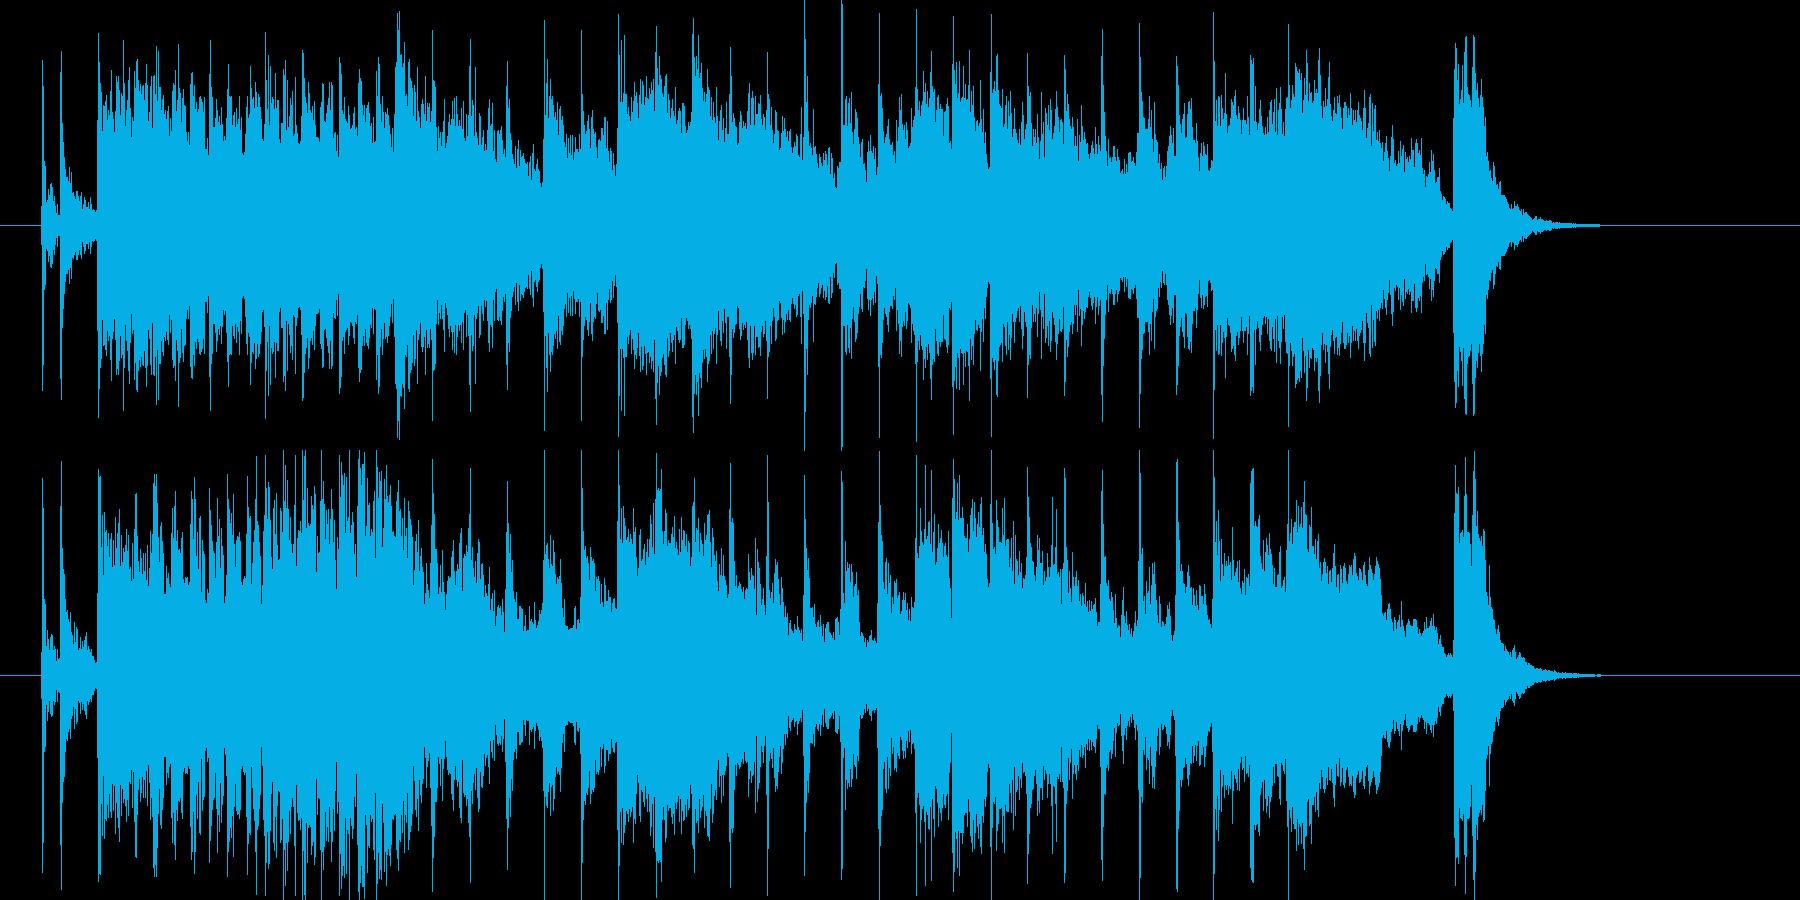 希望に満ち溢れる前向きな曲の再生済みの波形